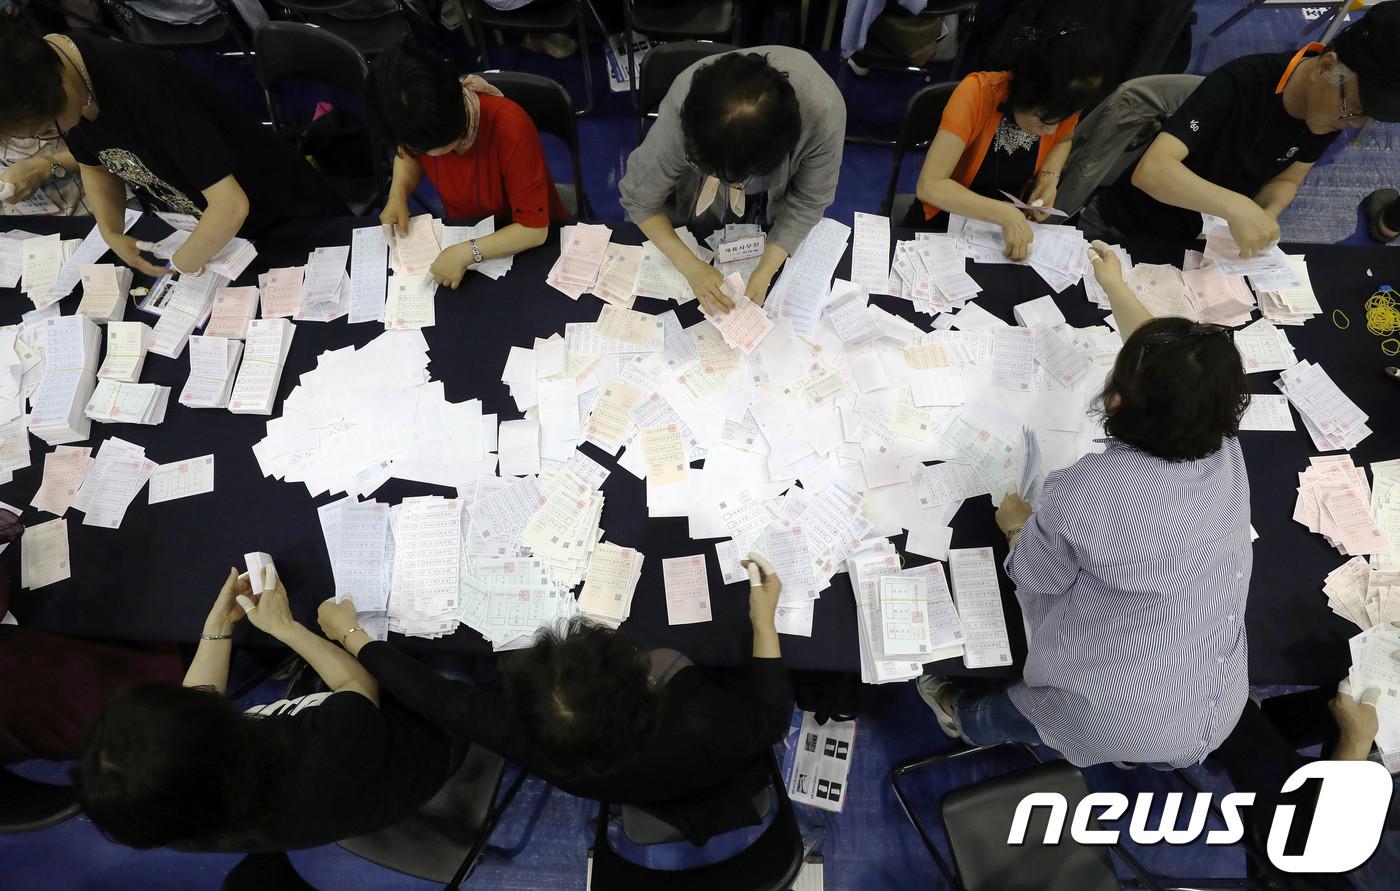 민주 14, 한국 2, 무소속 1…與 역대급 압승, 보수 몰락(종합4보)